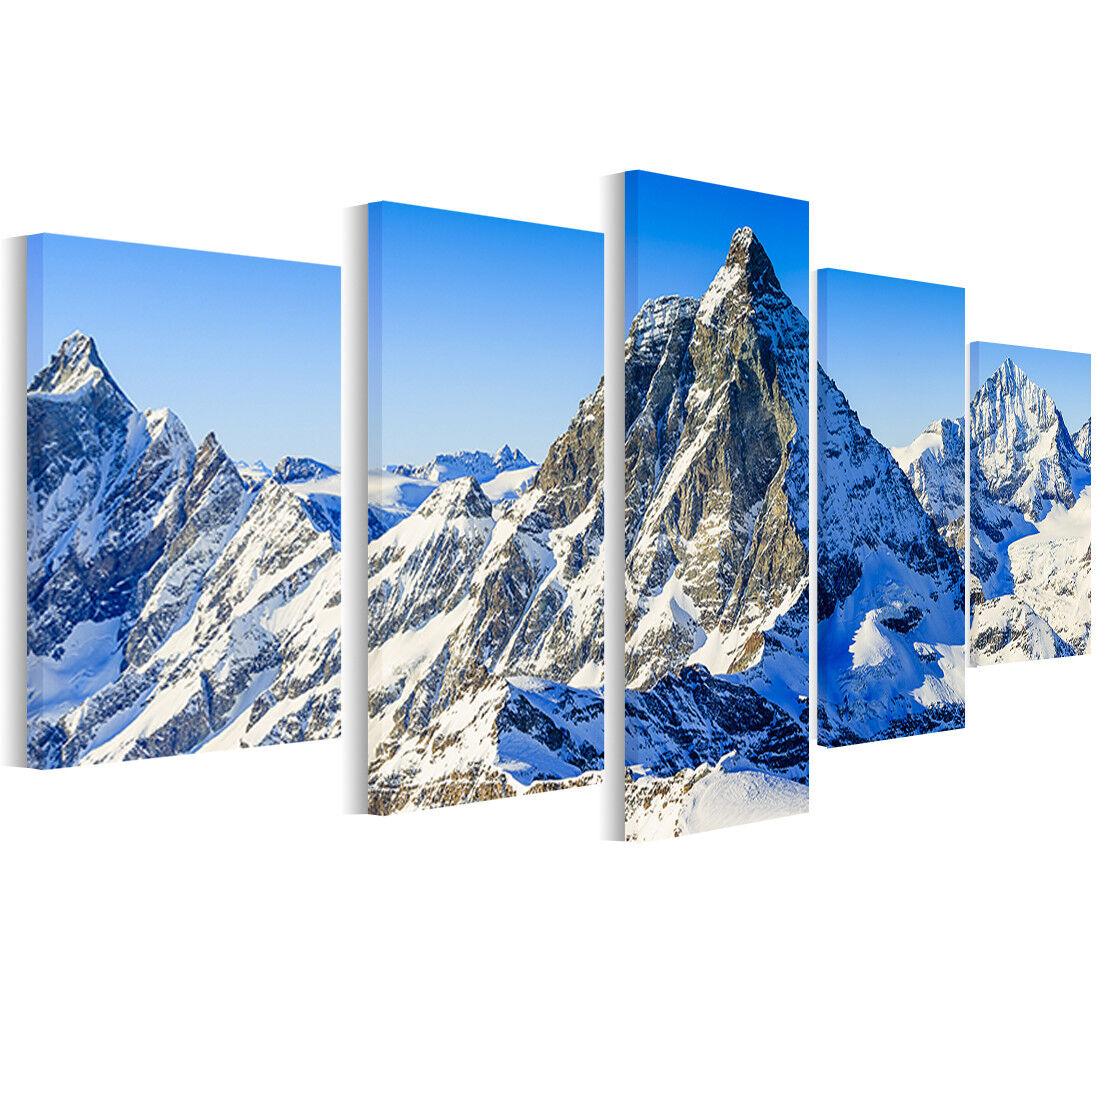 Leinwand Bilder Alpen Matterhorn - Foto, Bild, Wandbilder Landschaft B5D29